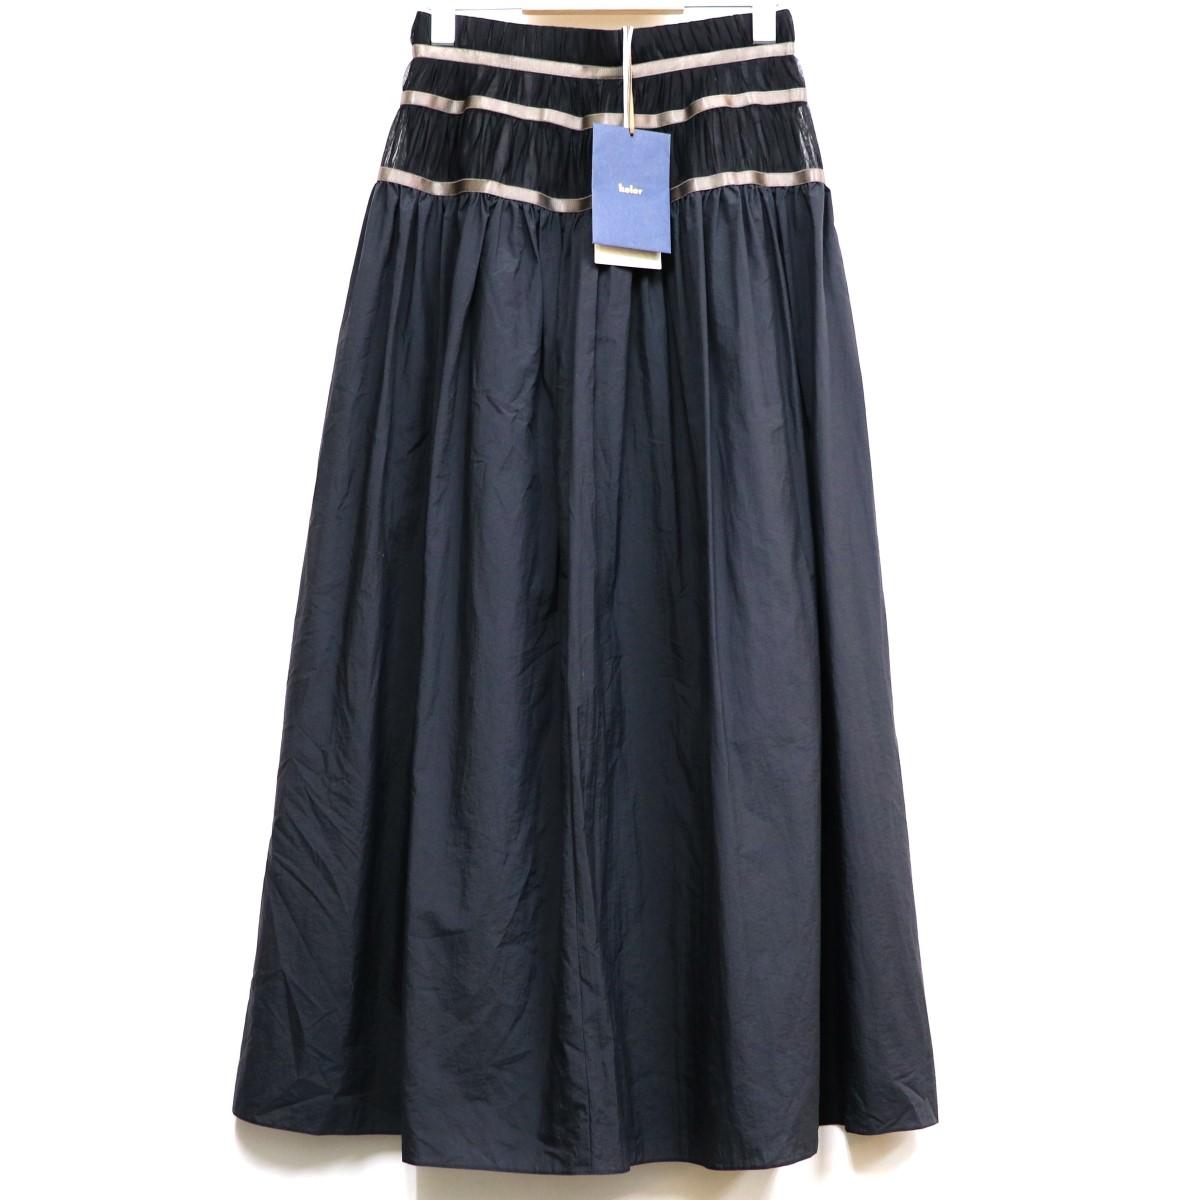 【中古】kolor 16SS Smocked Waist Maxi Skirtナイロン刺繍マキシスカート ブラック サイズ:1(66cm) 【020520】(カラー)